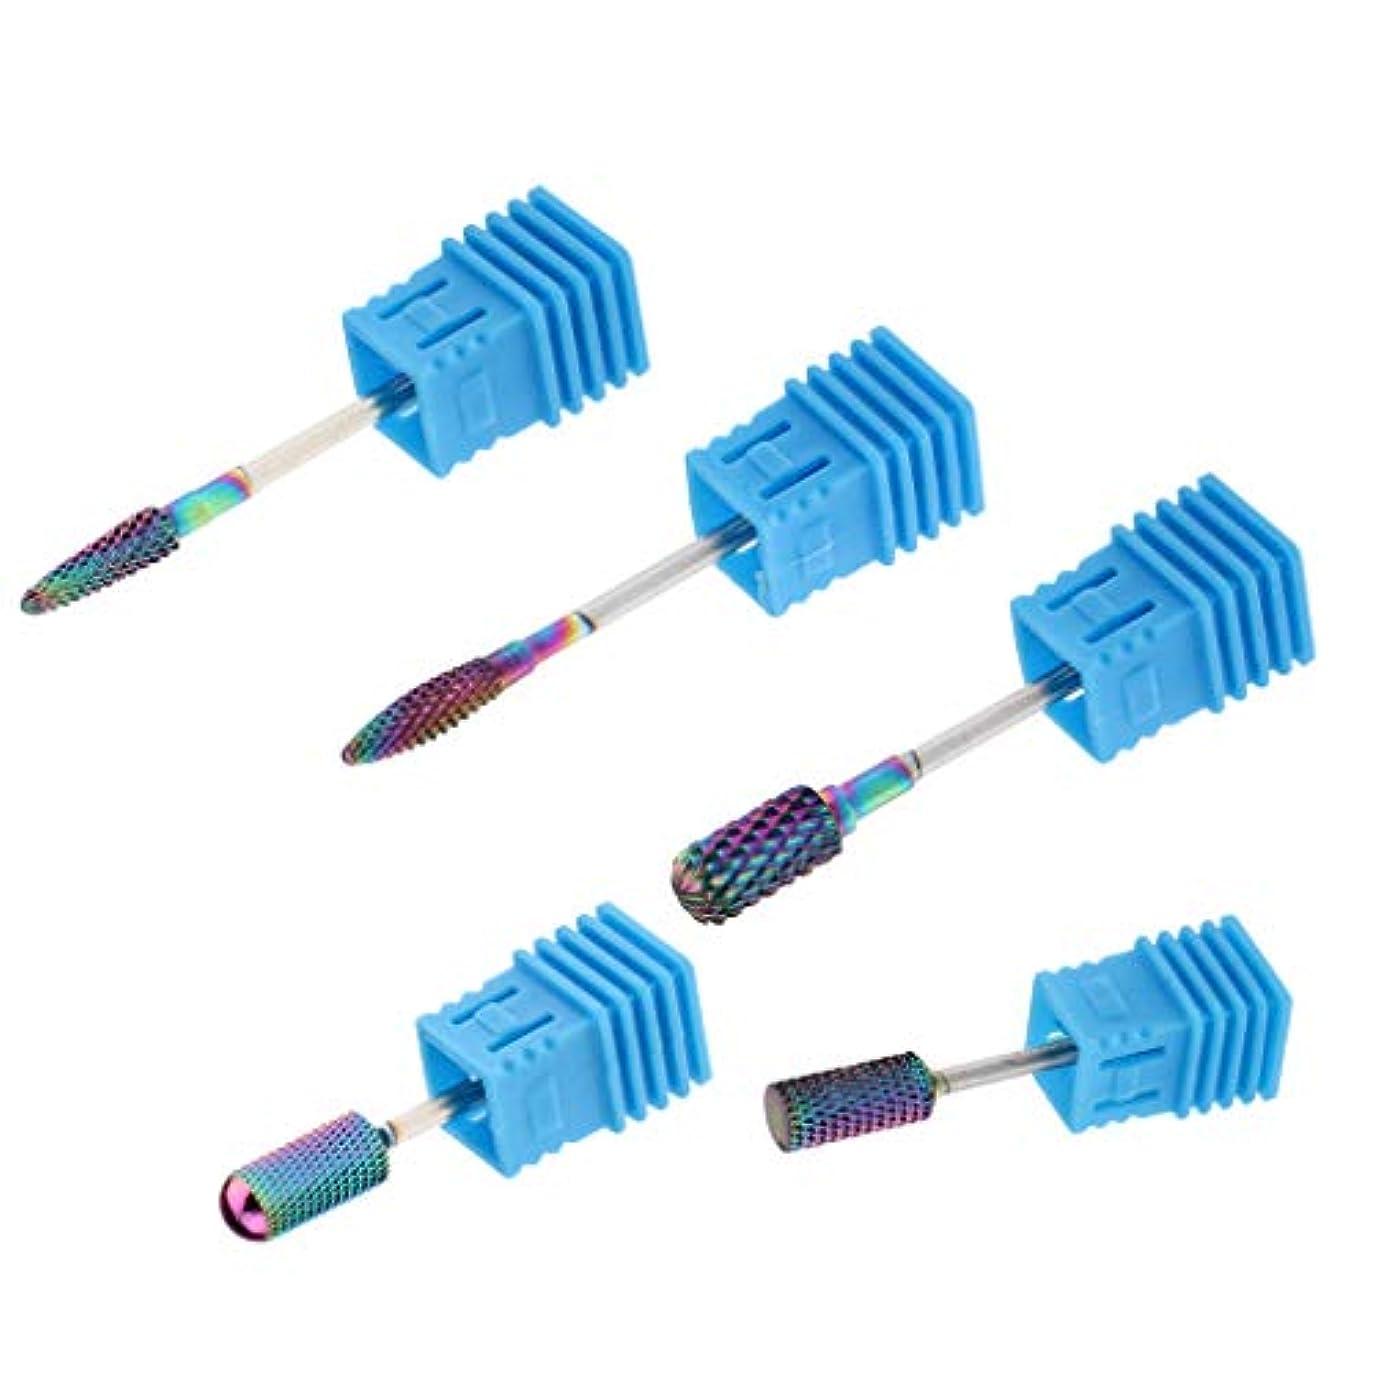 緩む粗い減衰SM SunniMix 陶磁器ドリルビット ネイルドリルビット ロータリーファイル 研削ネイル 切削工具 耐摩耗性 5個入